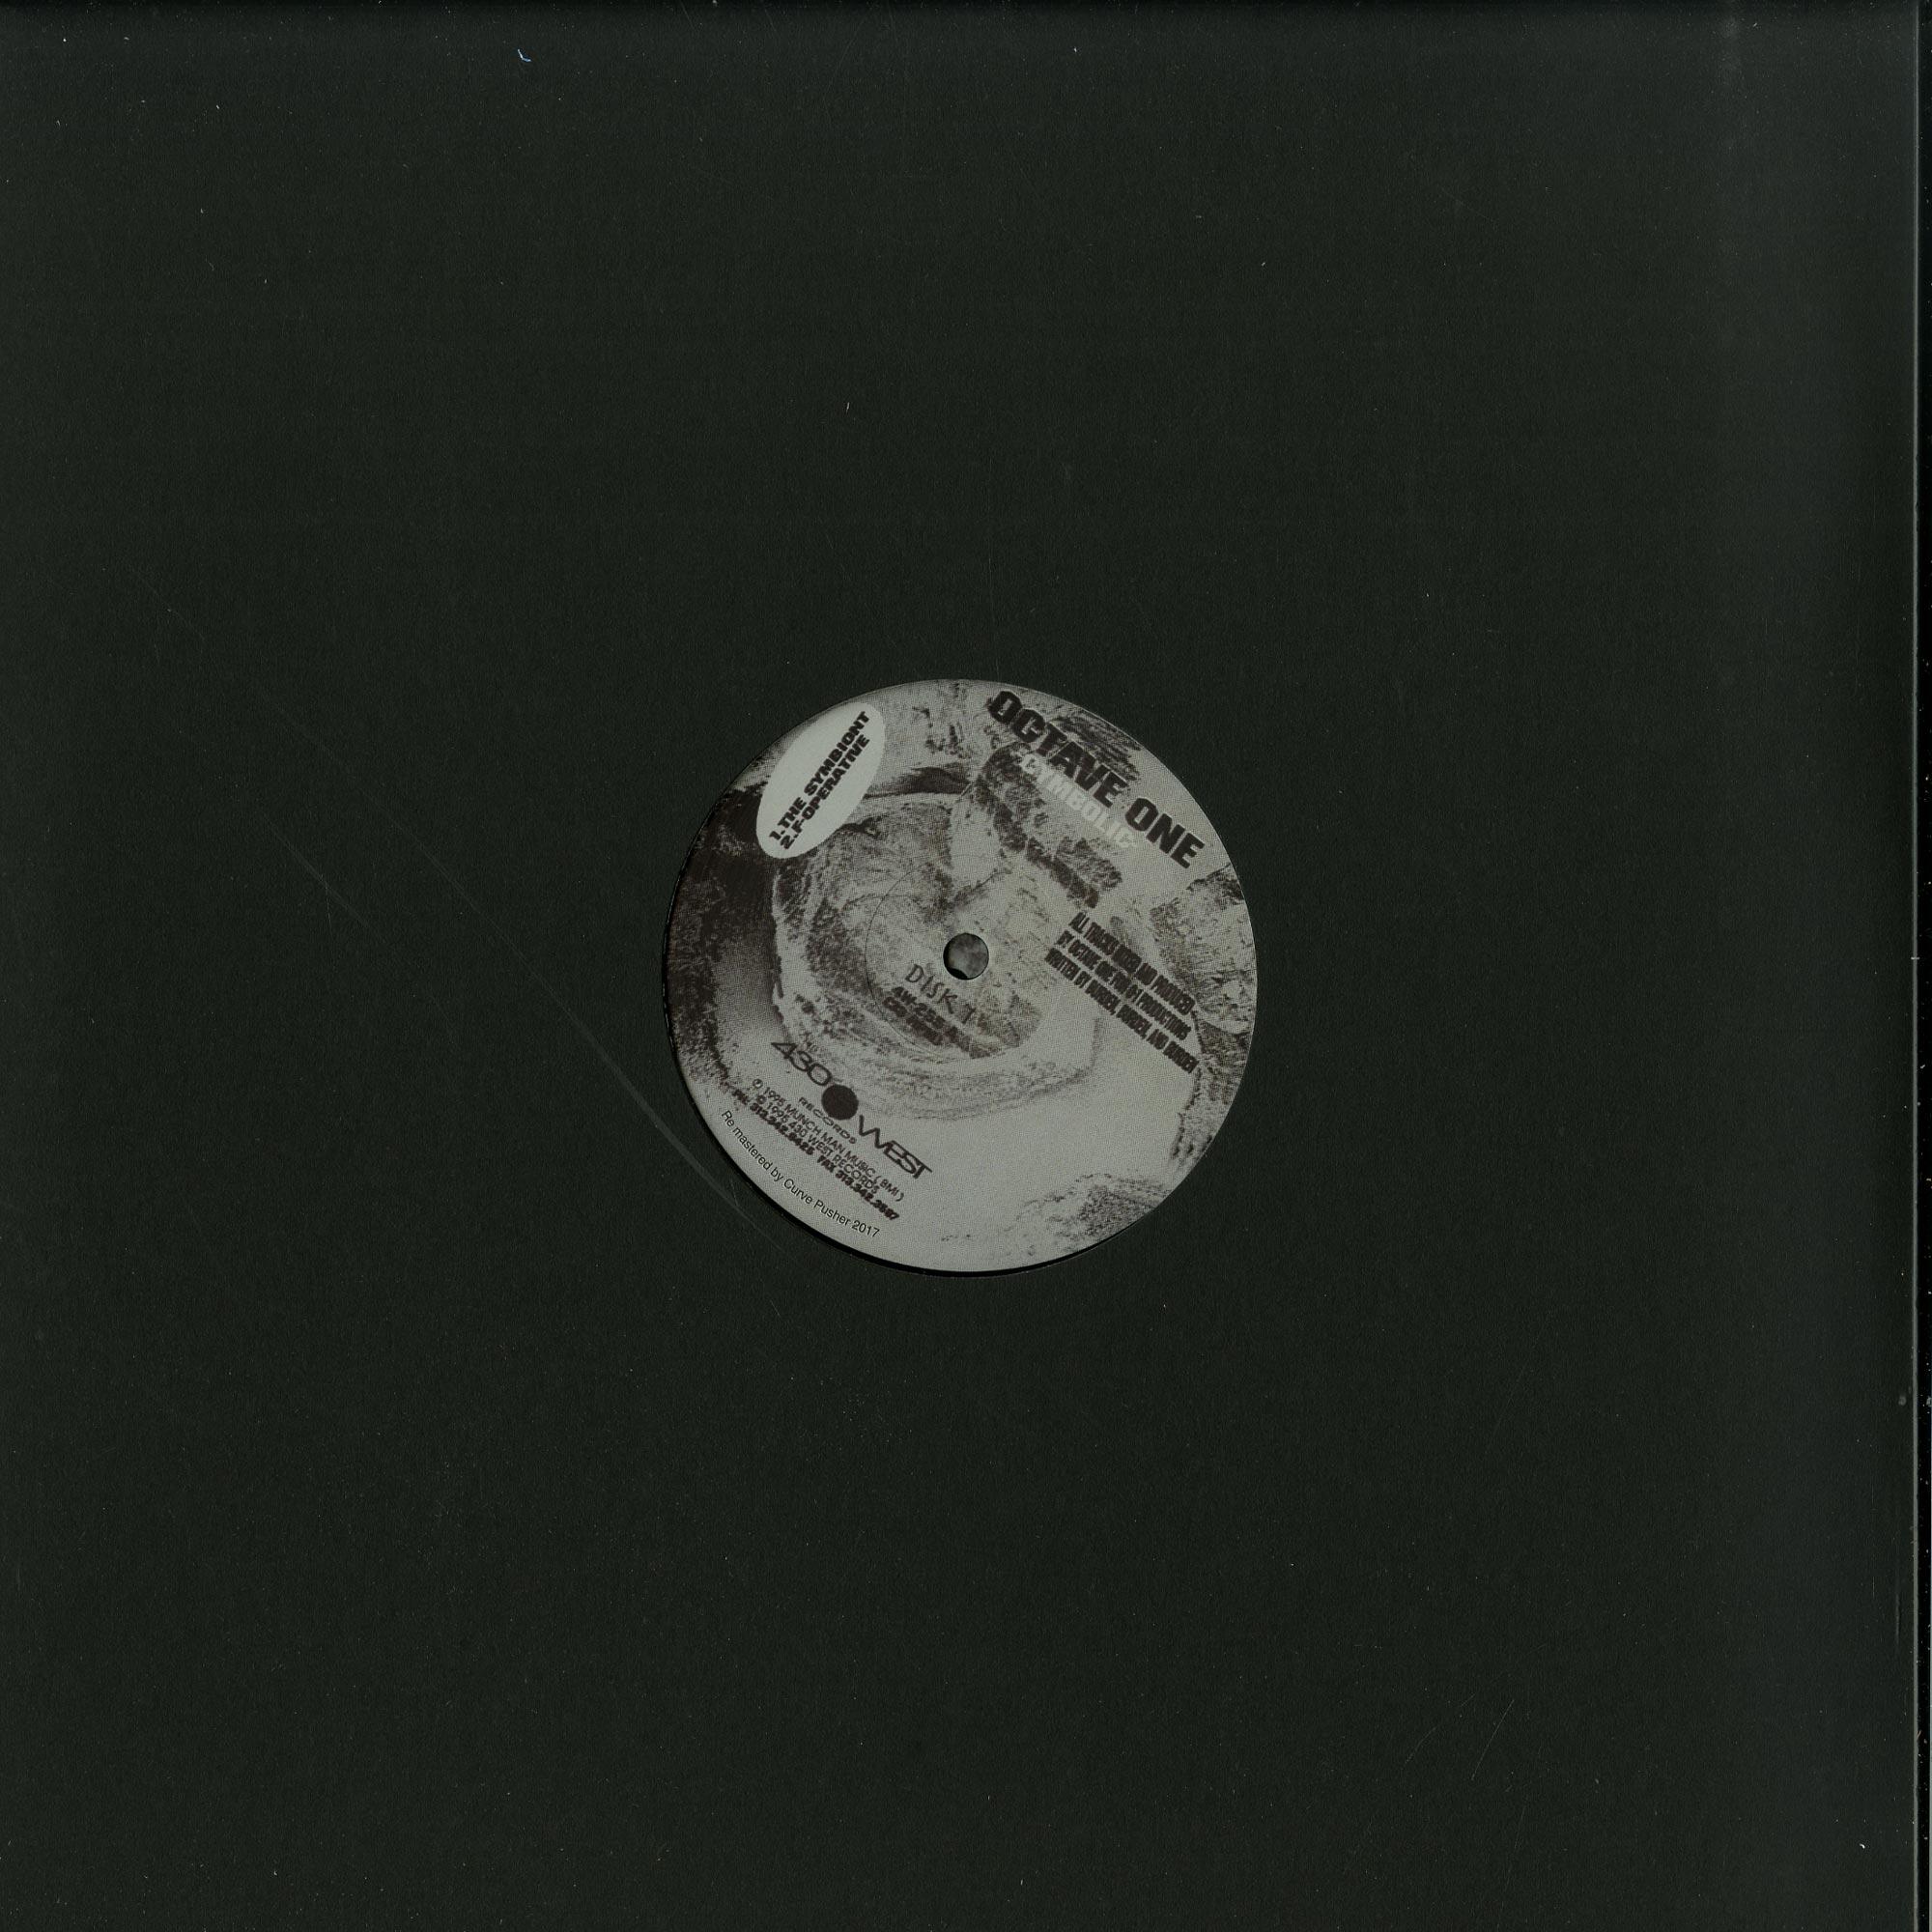 Octave One - CYMBOLIC EP